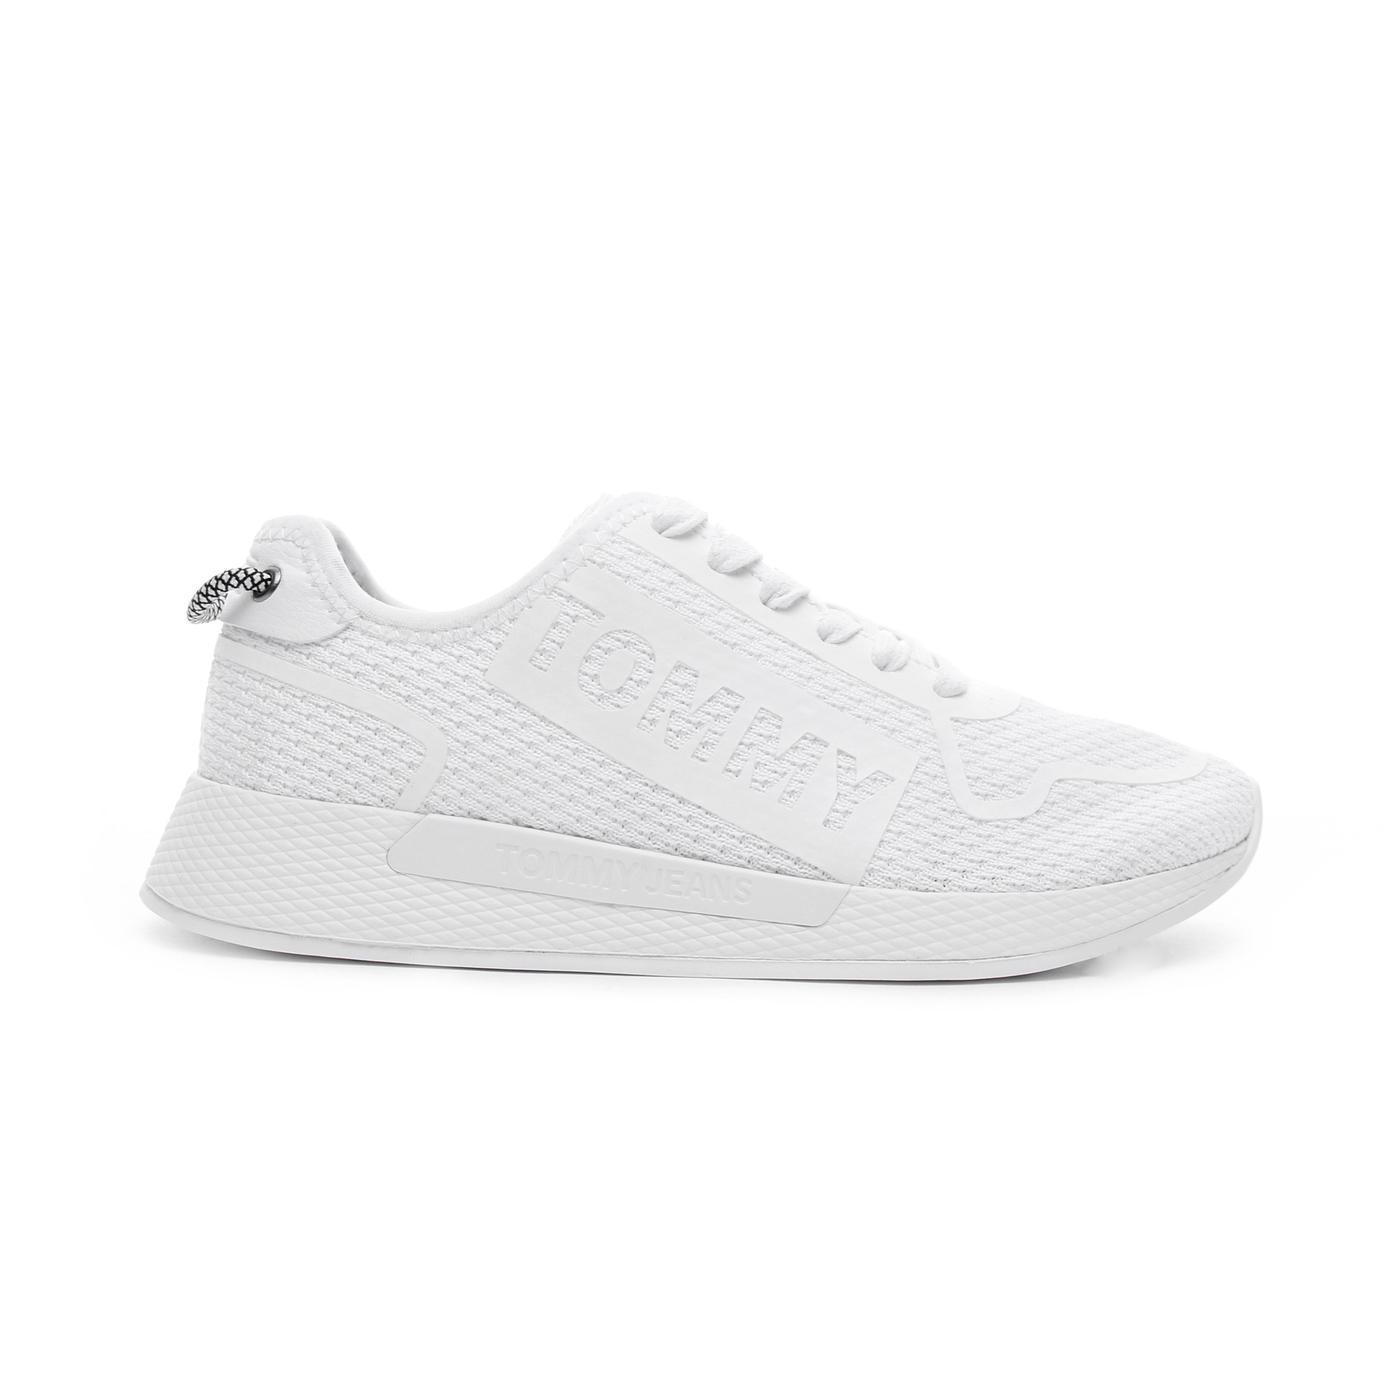 Tommy Hilfiger Technical Flexi Kadın Beyaz Spor Ayakkabı